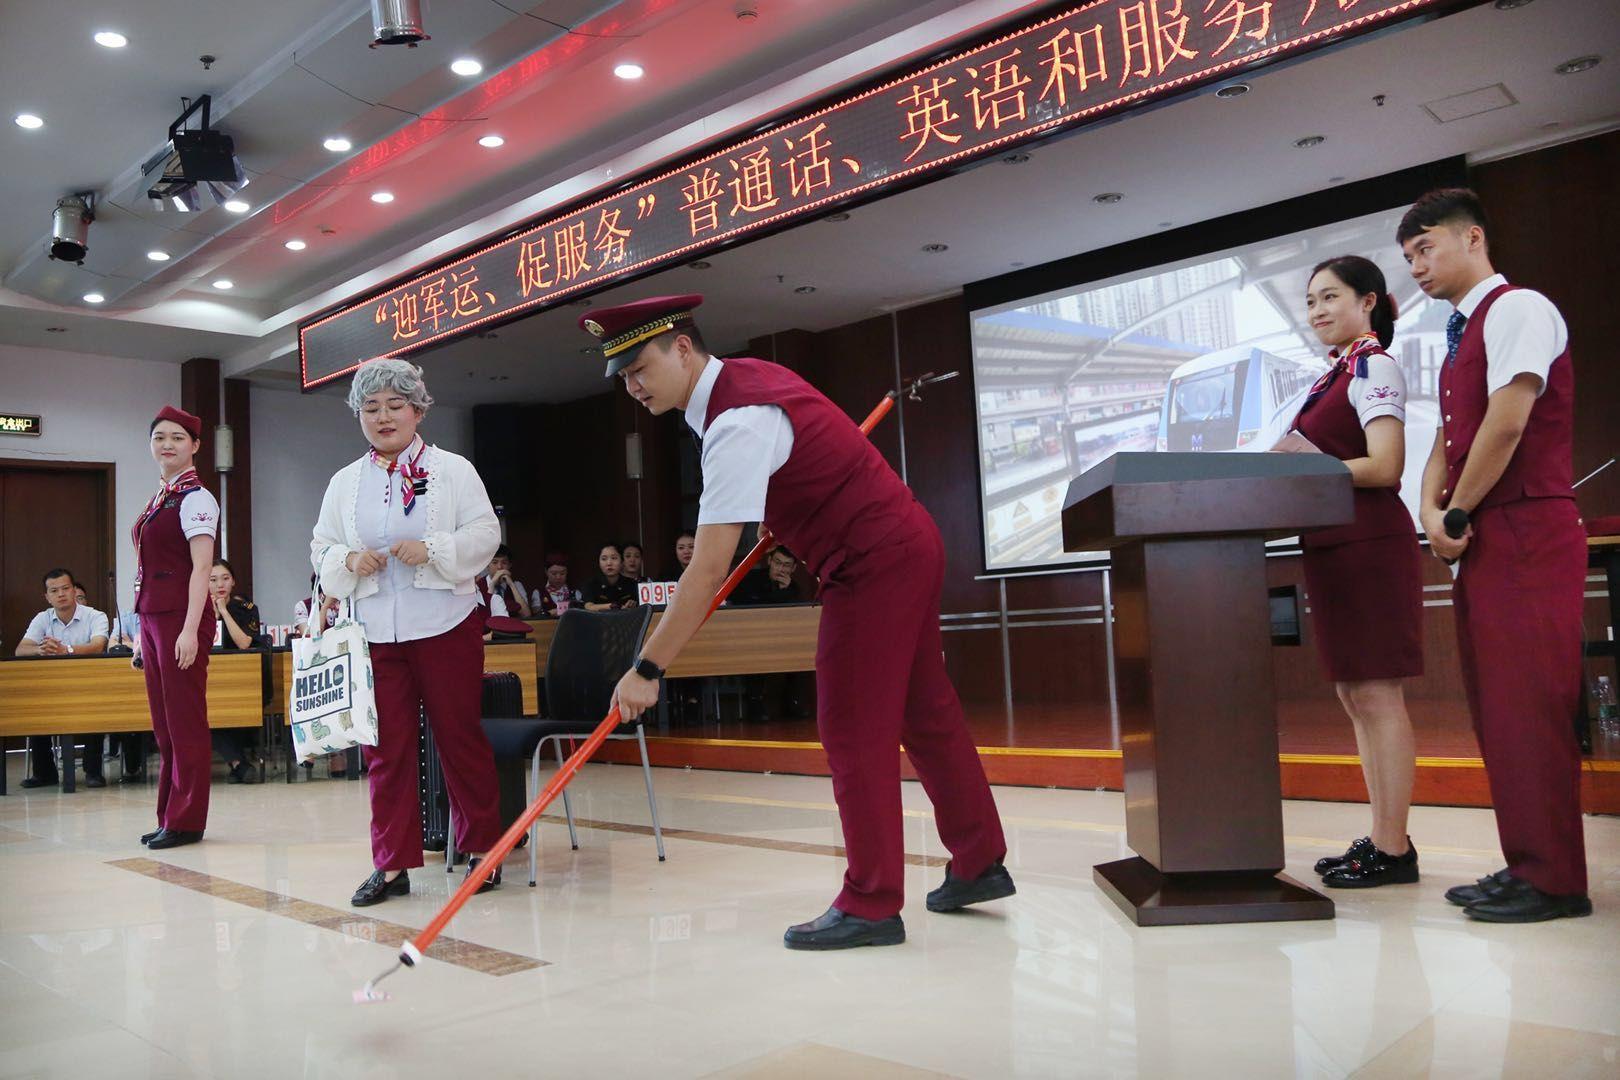 武汉地铁推出双语服务迎军运